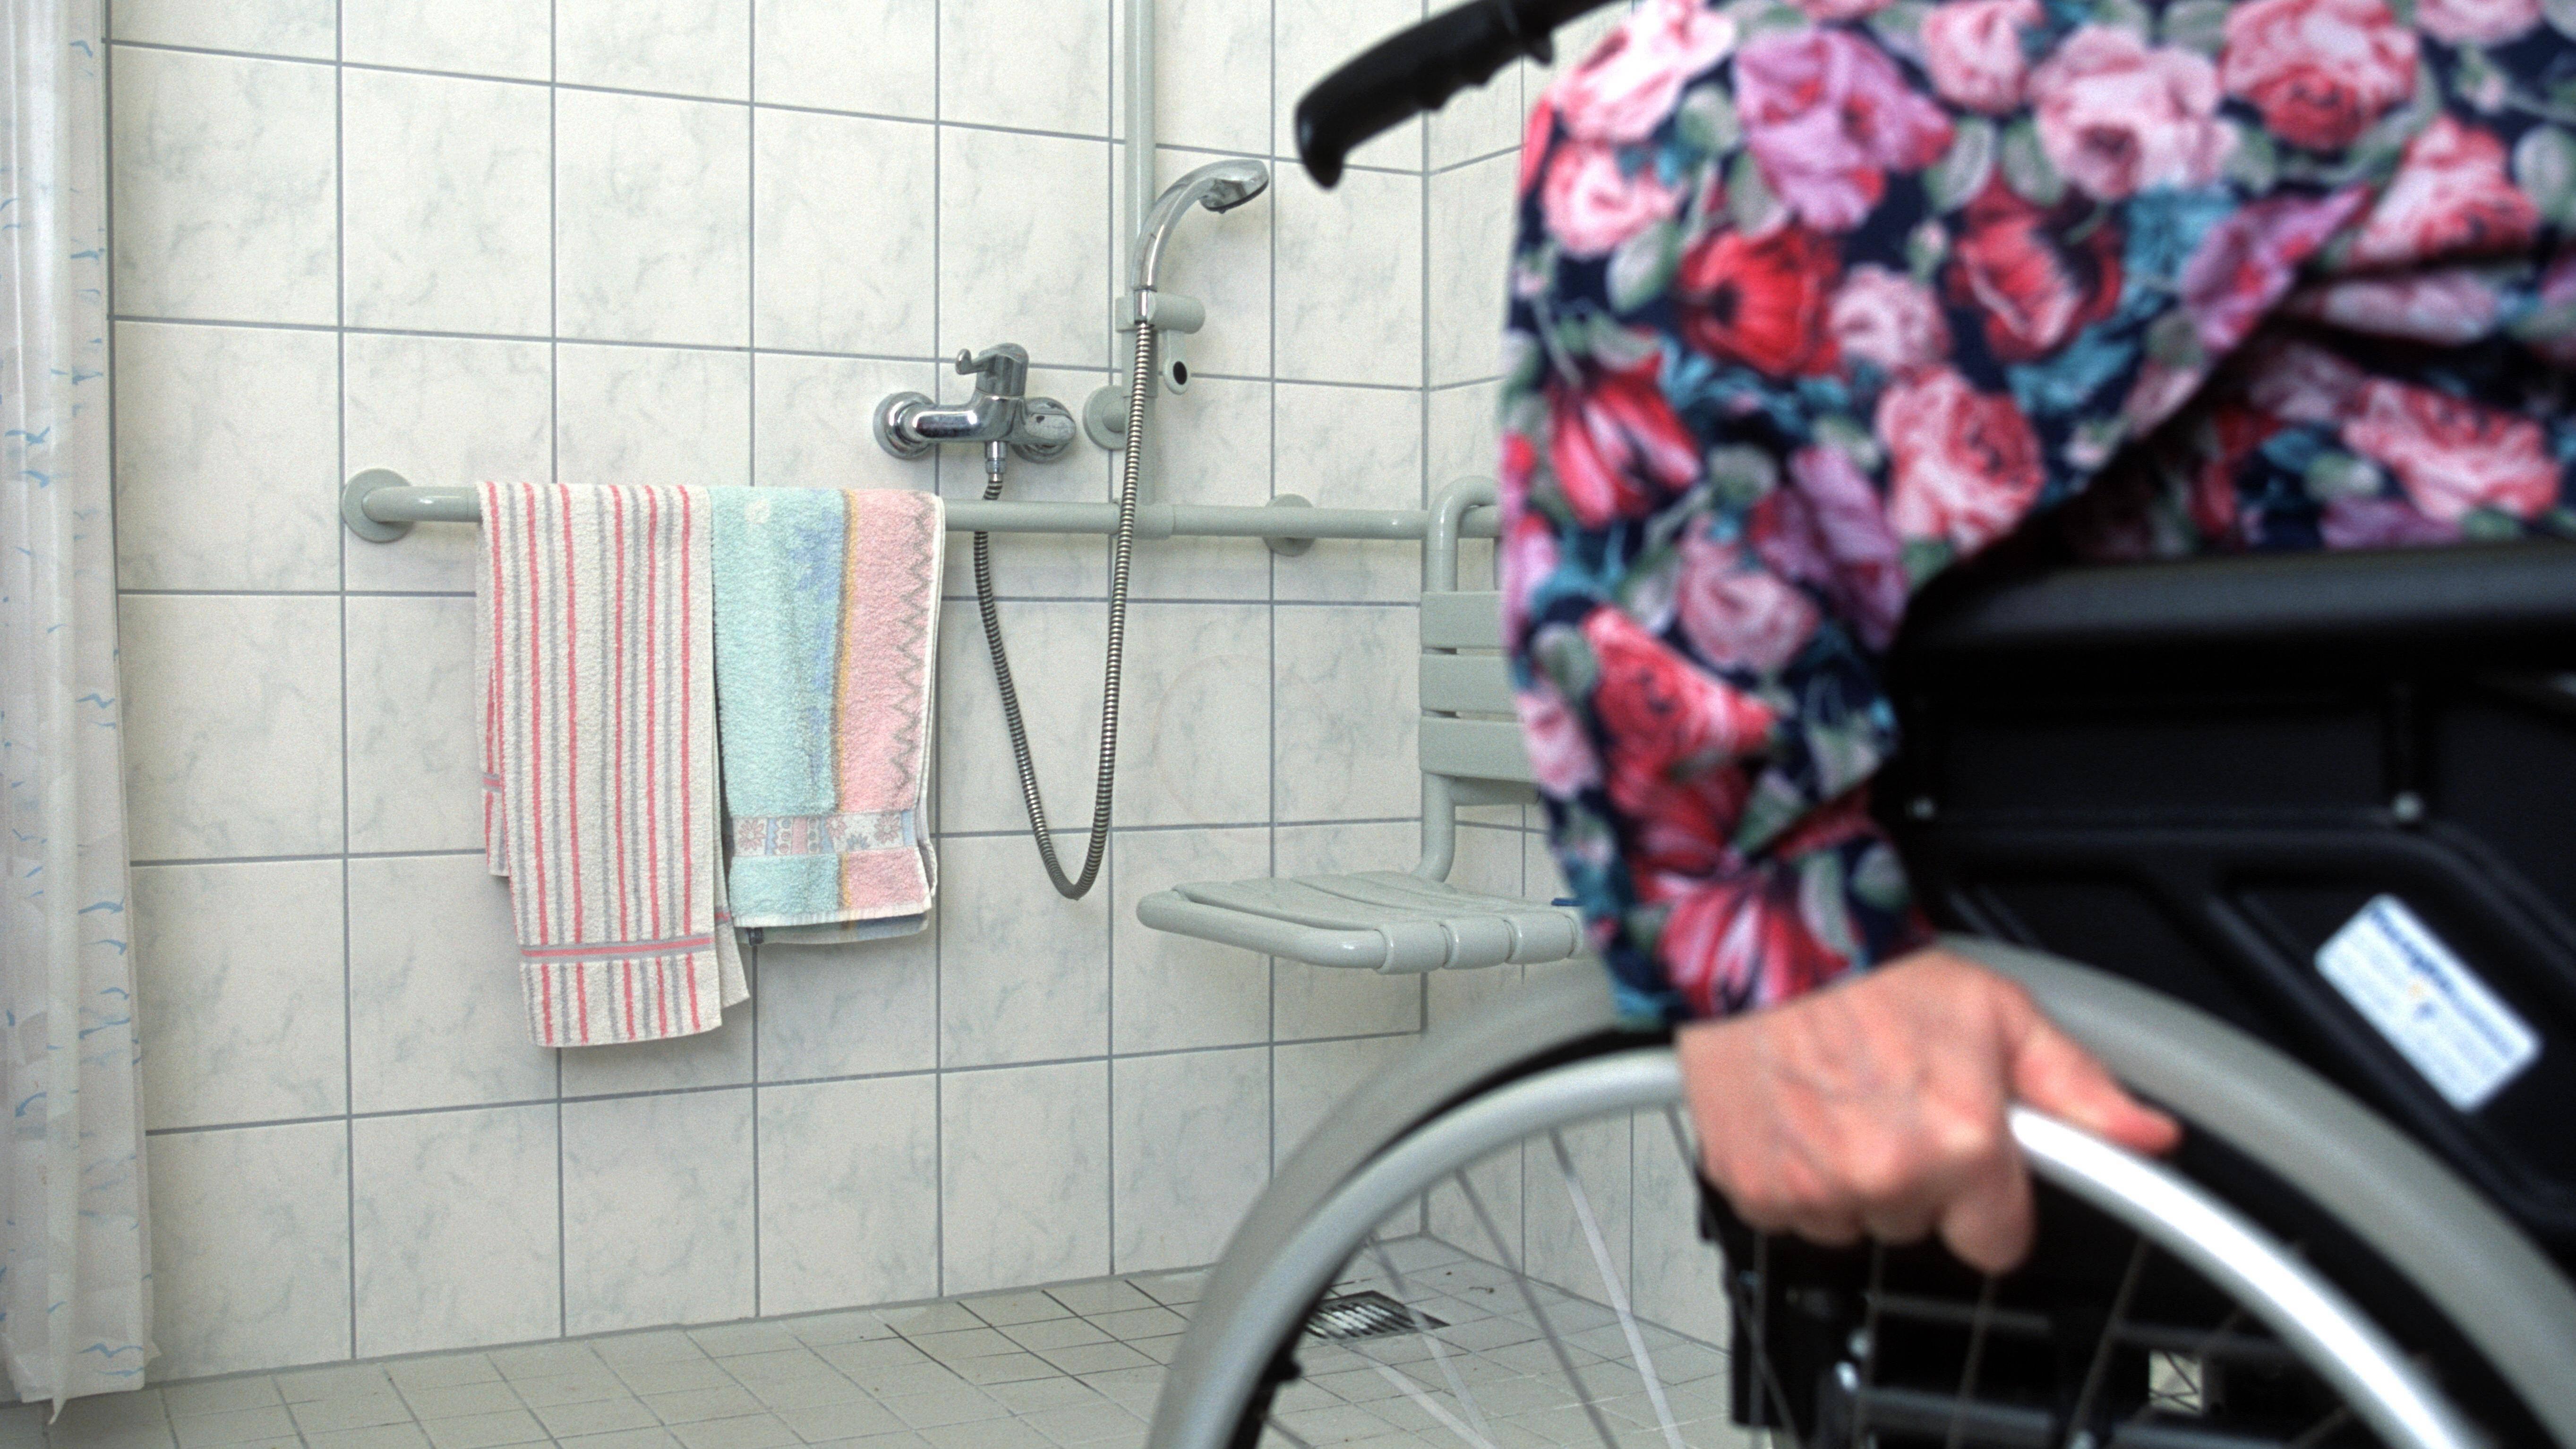 Ein barrierefreies Bad ist vor allem für Rollstuhlfahrer und sturzgefährdete Menschen wichtig.